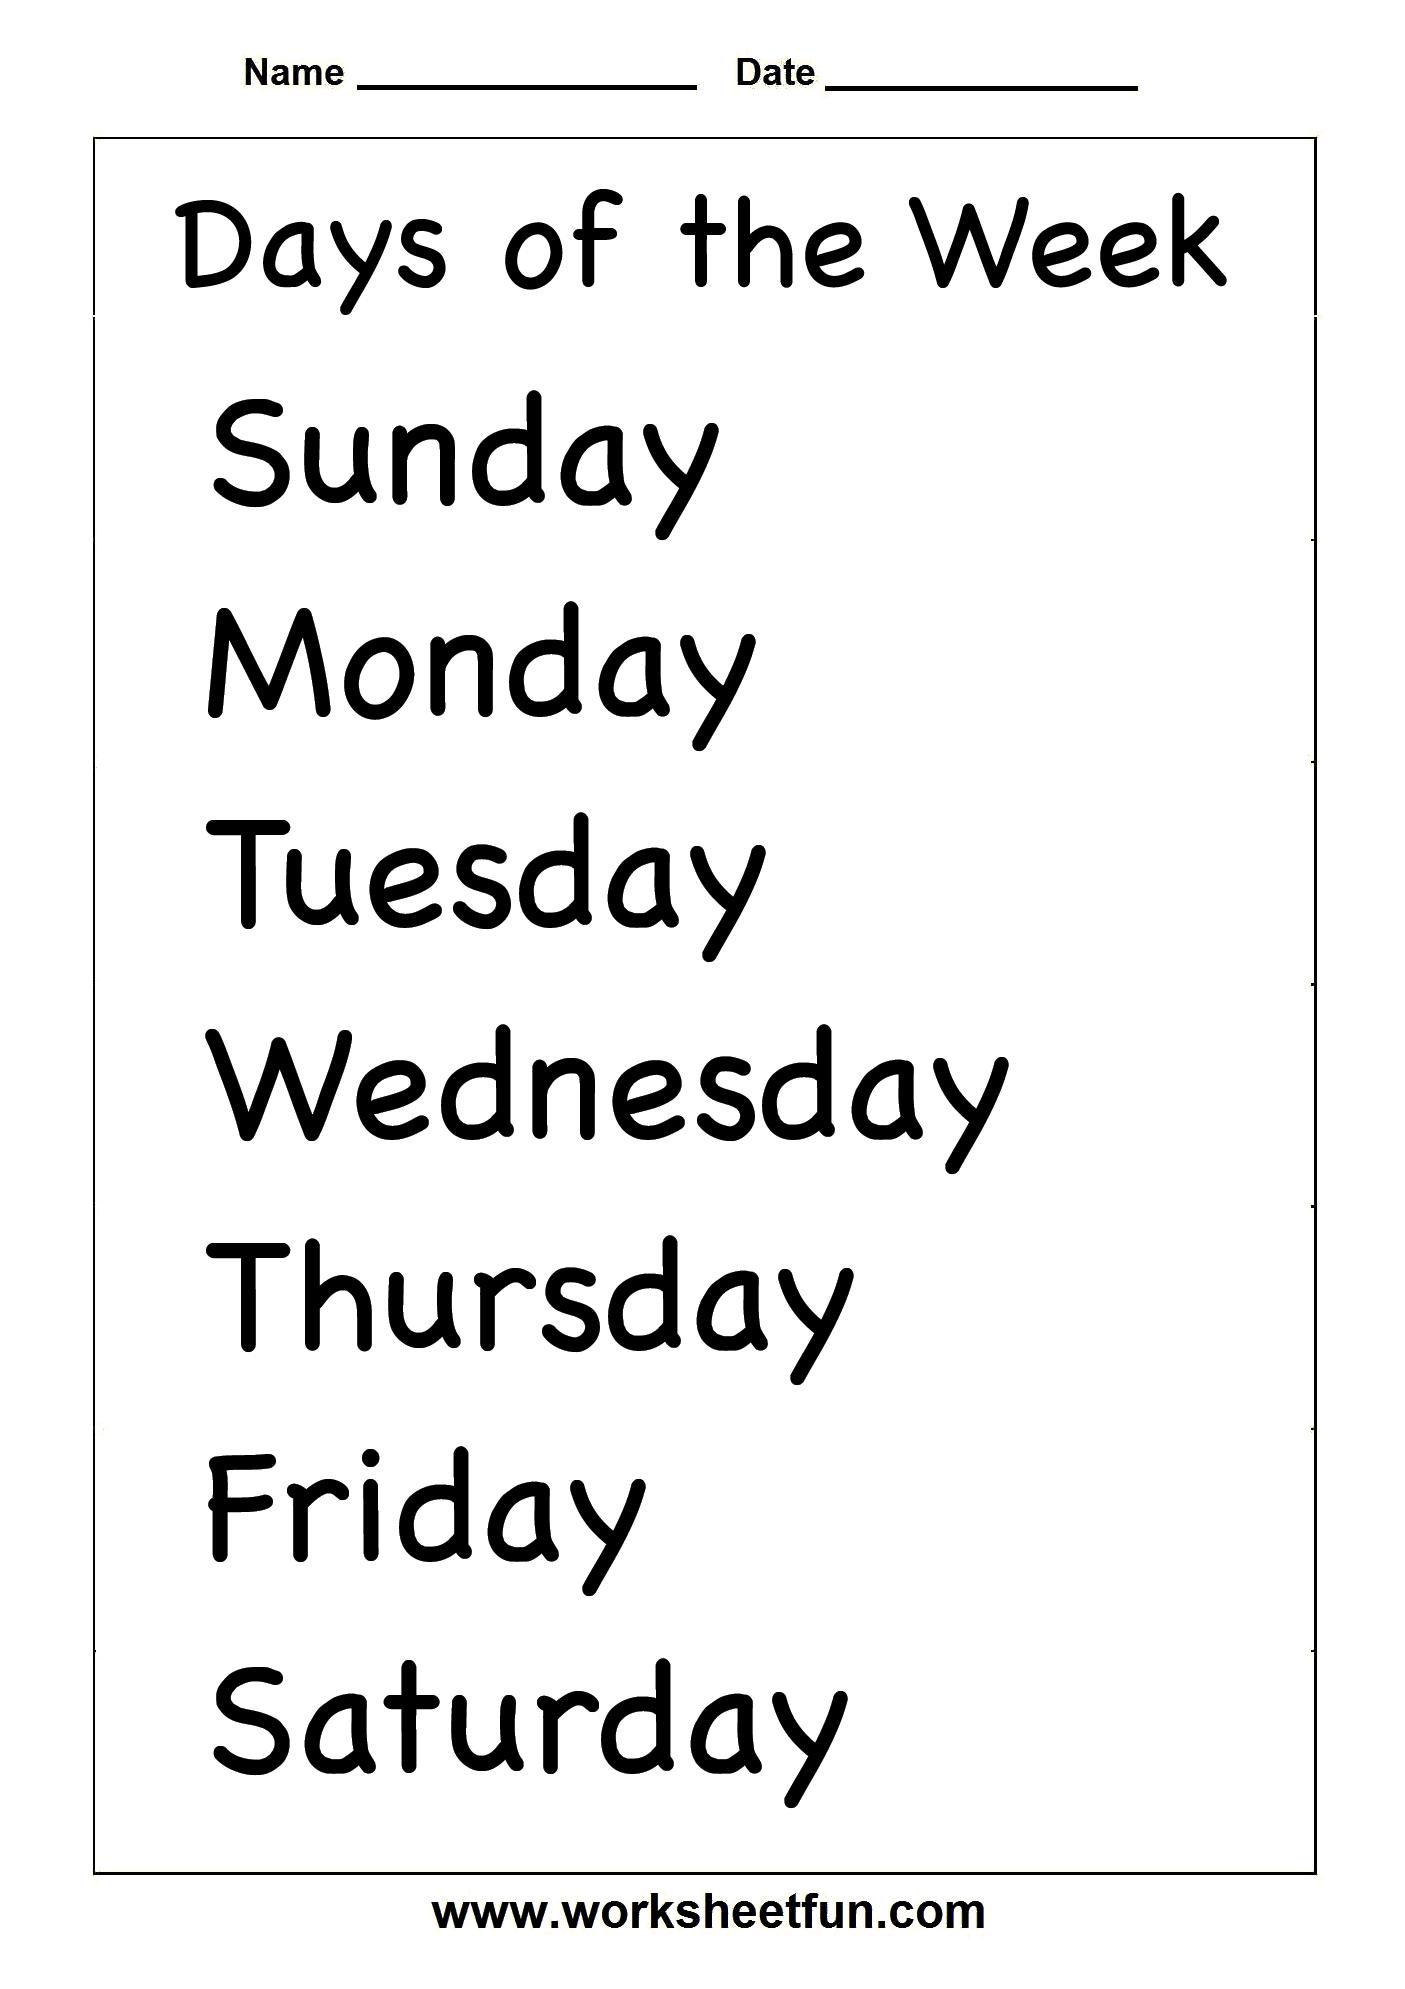 Days of week worksheet